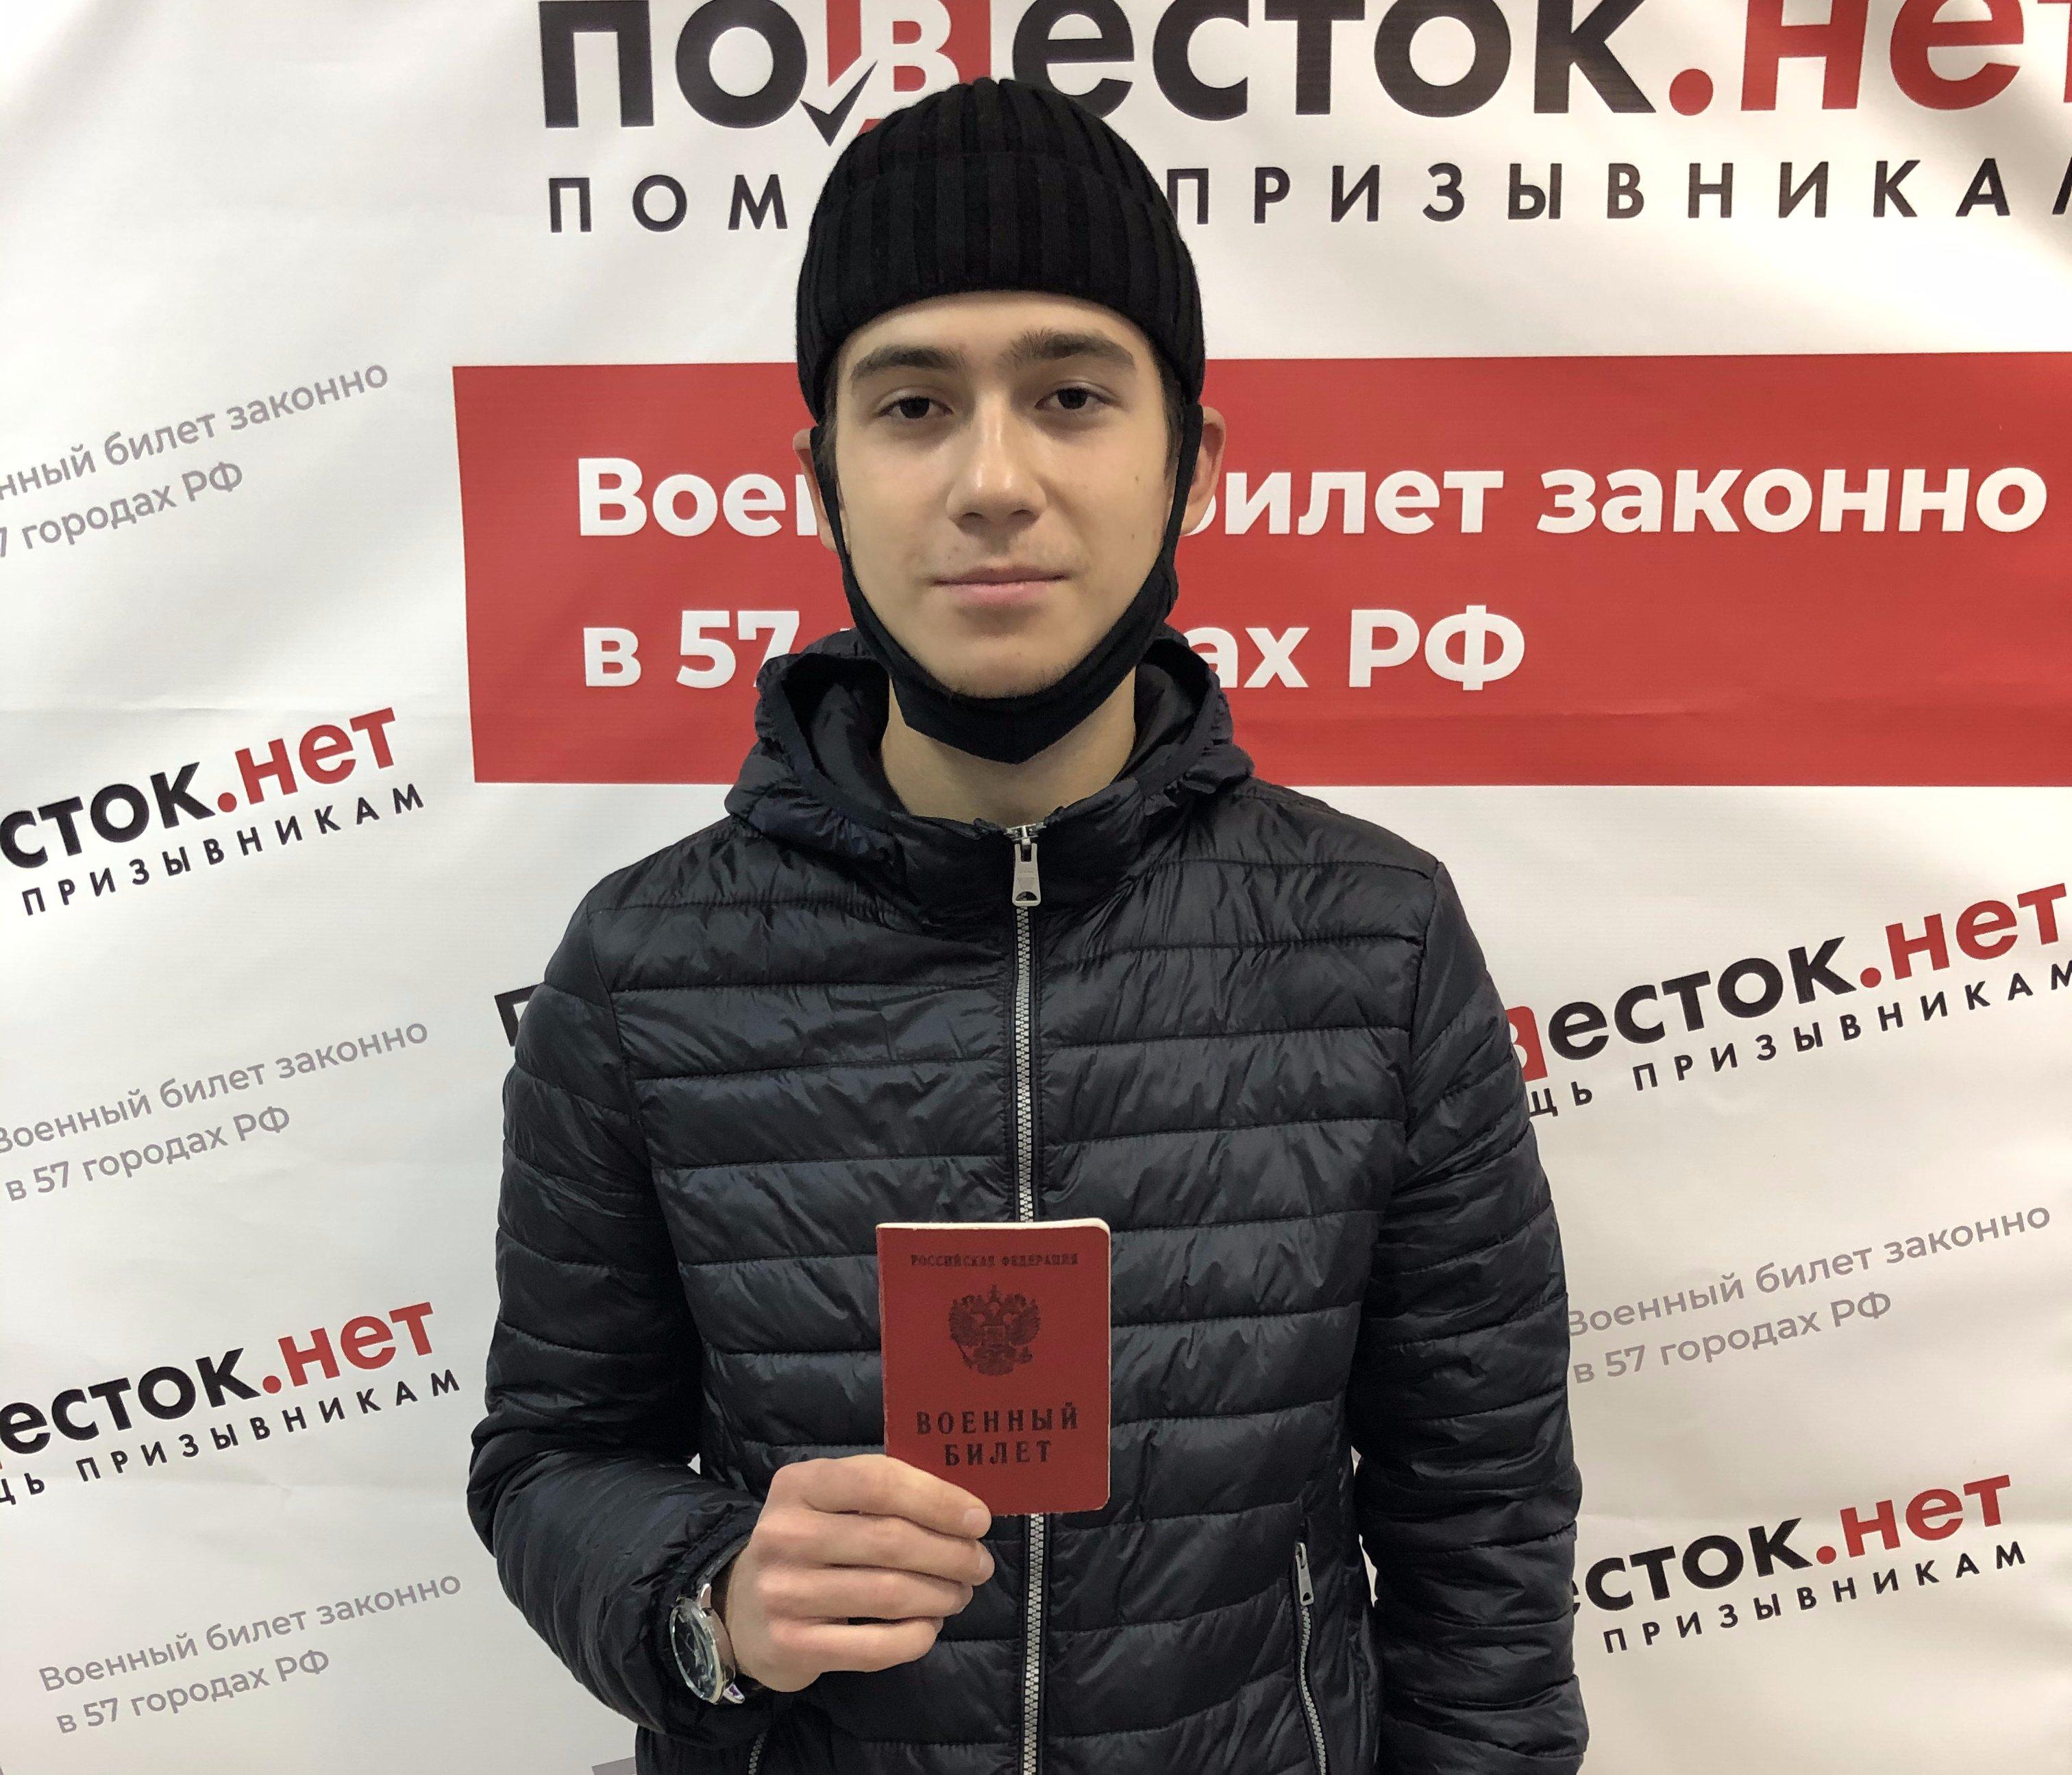 Список заболеваний подходящих для освобождения в Москве